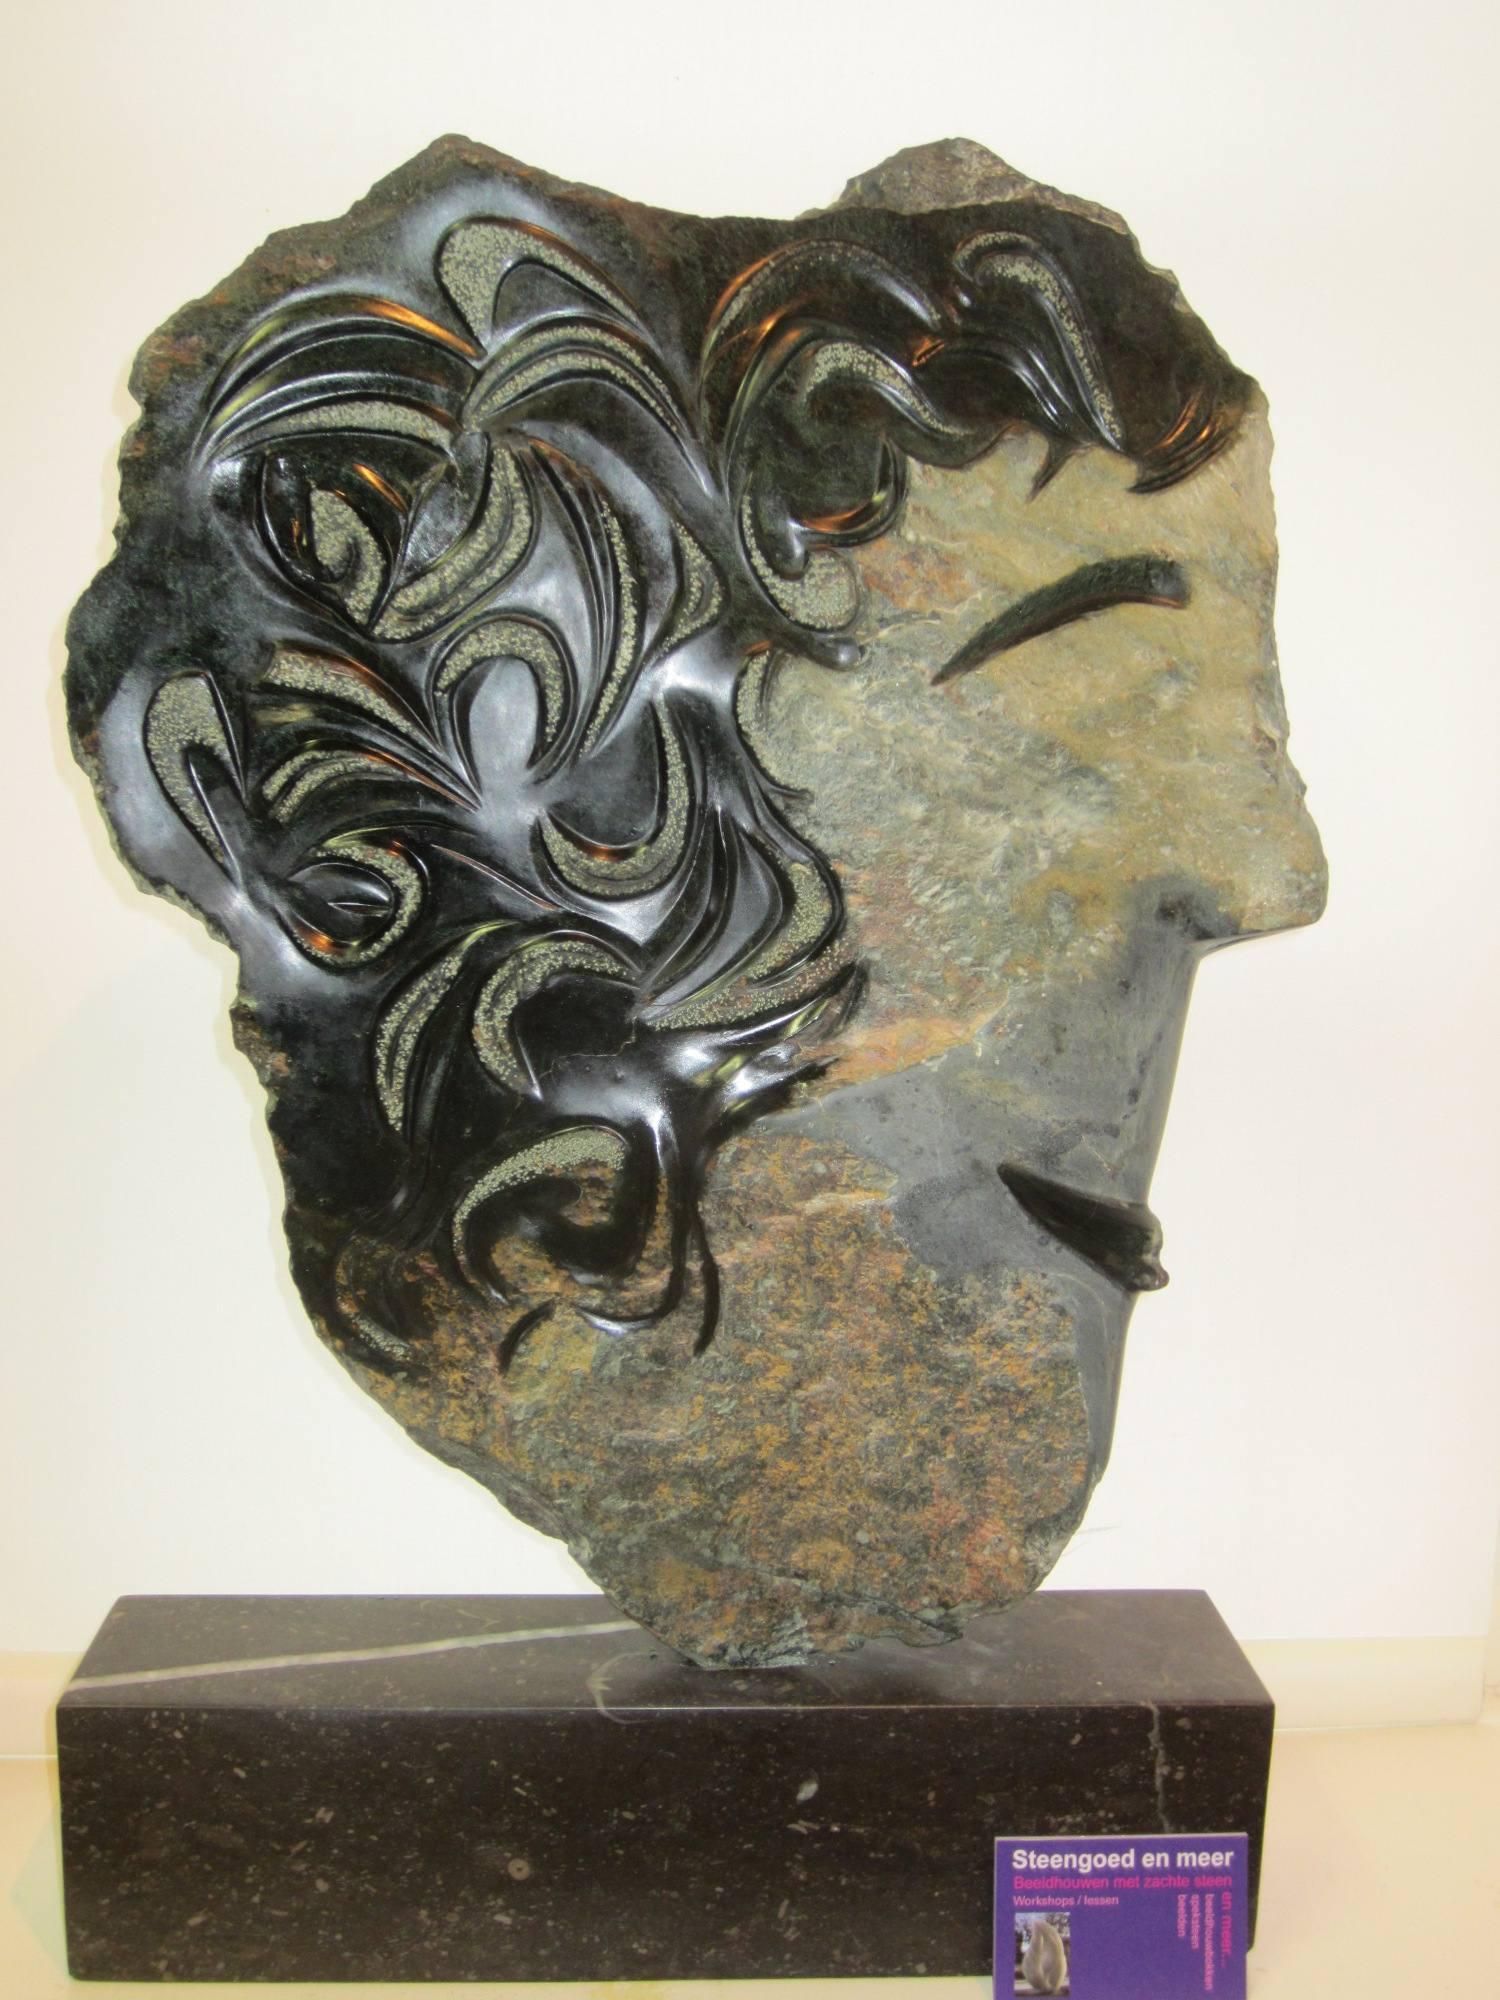 Krullen_Aziatische serpentijn 40 cm, platte steen